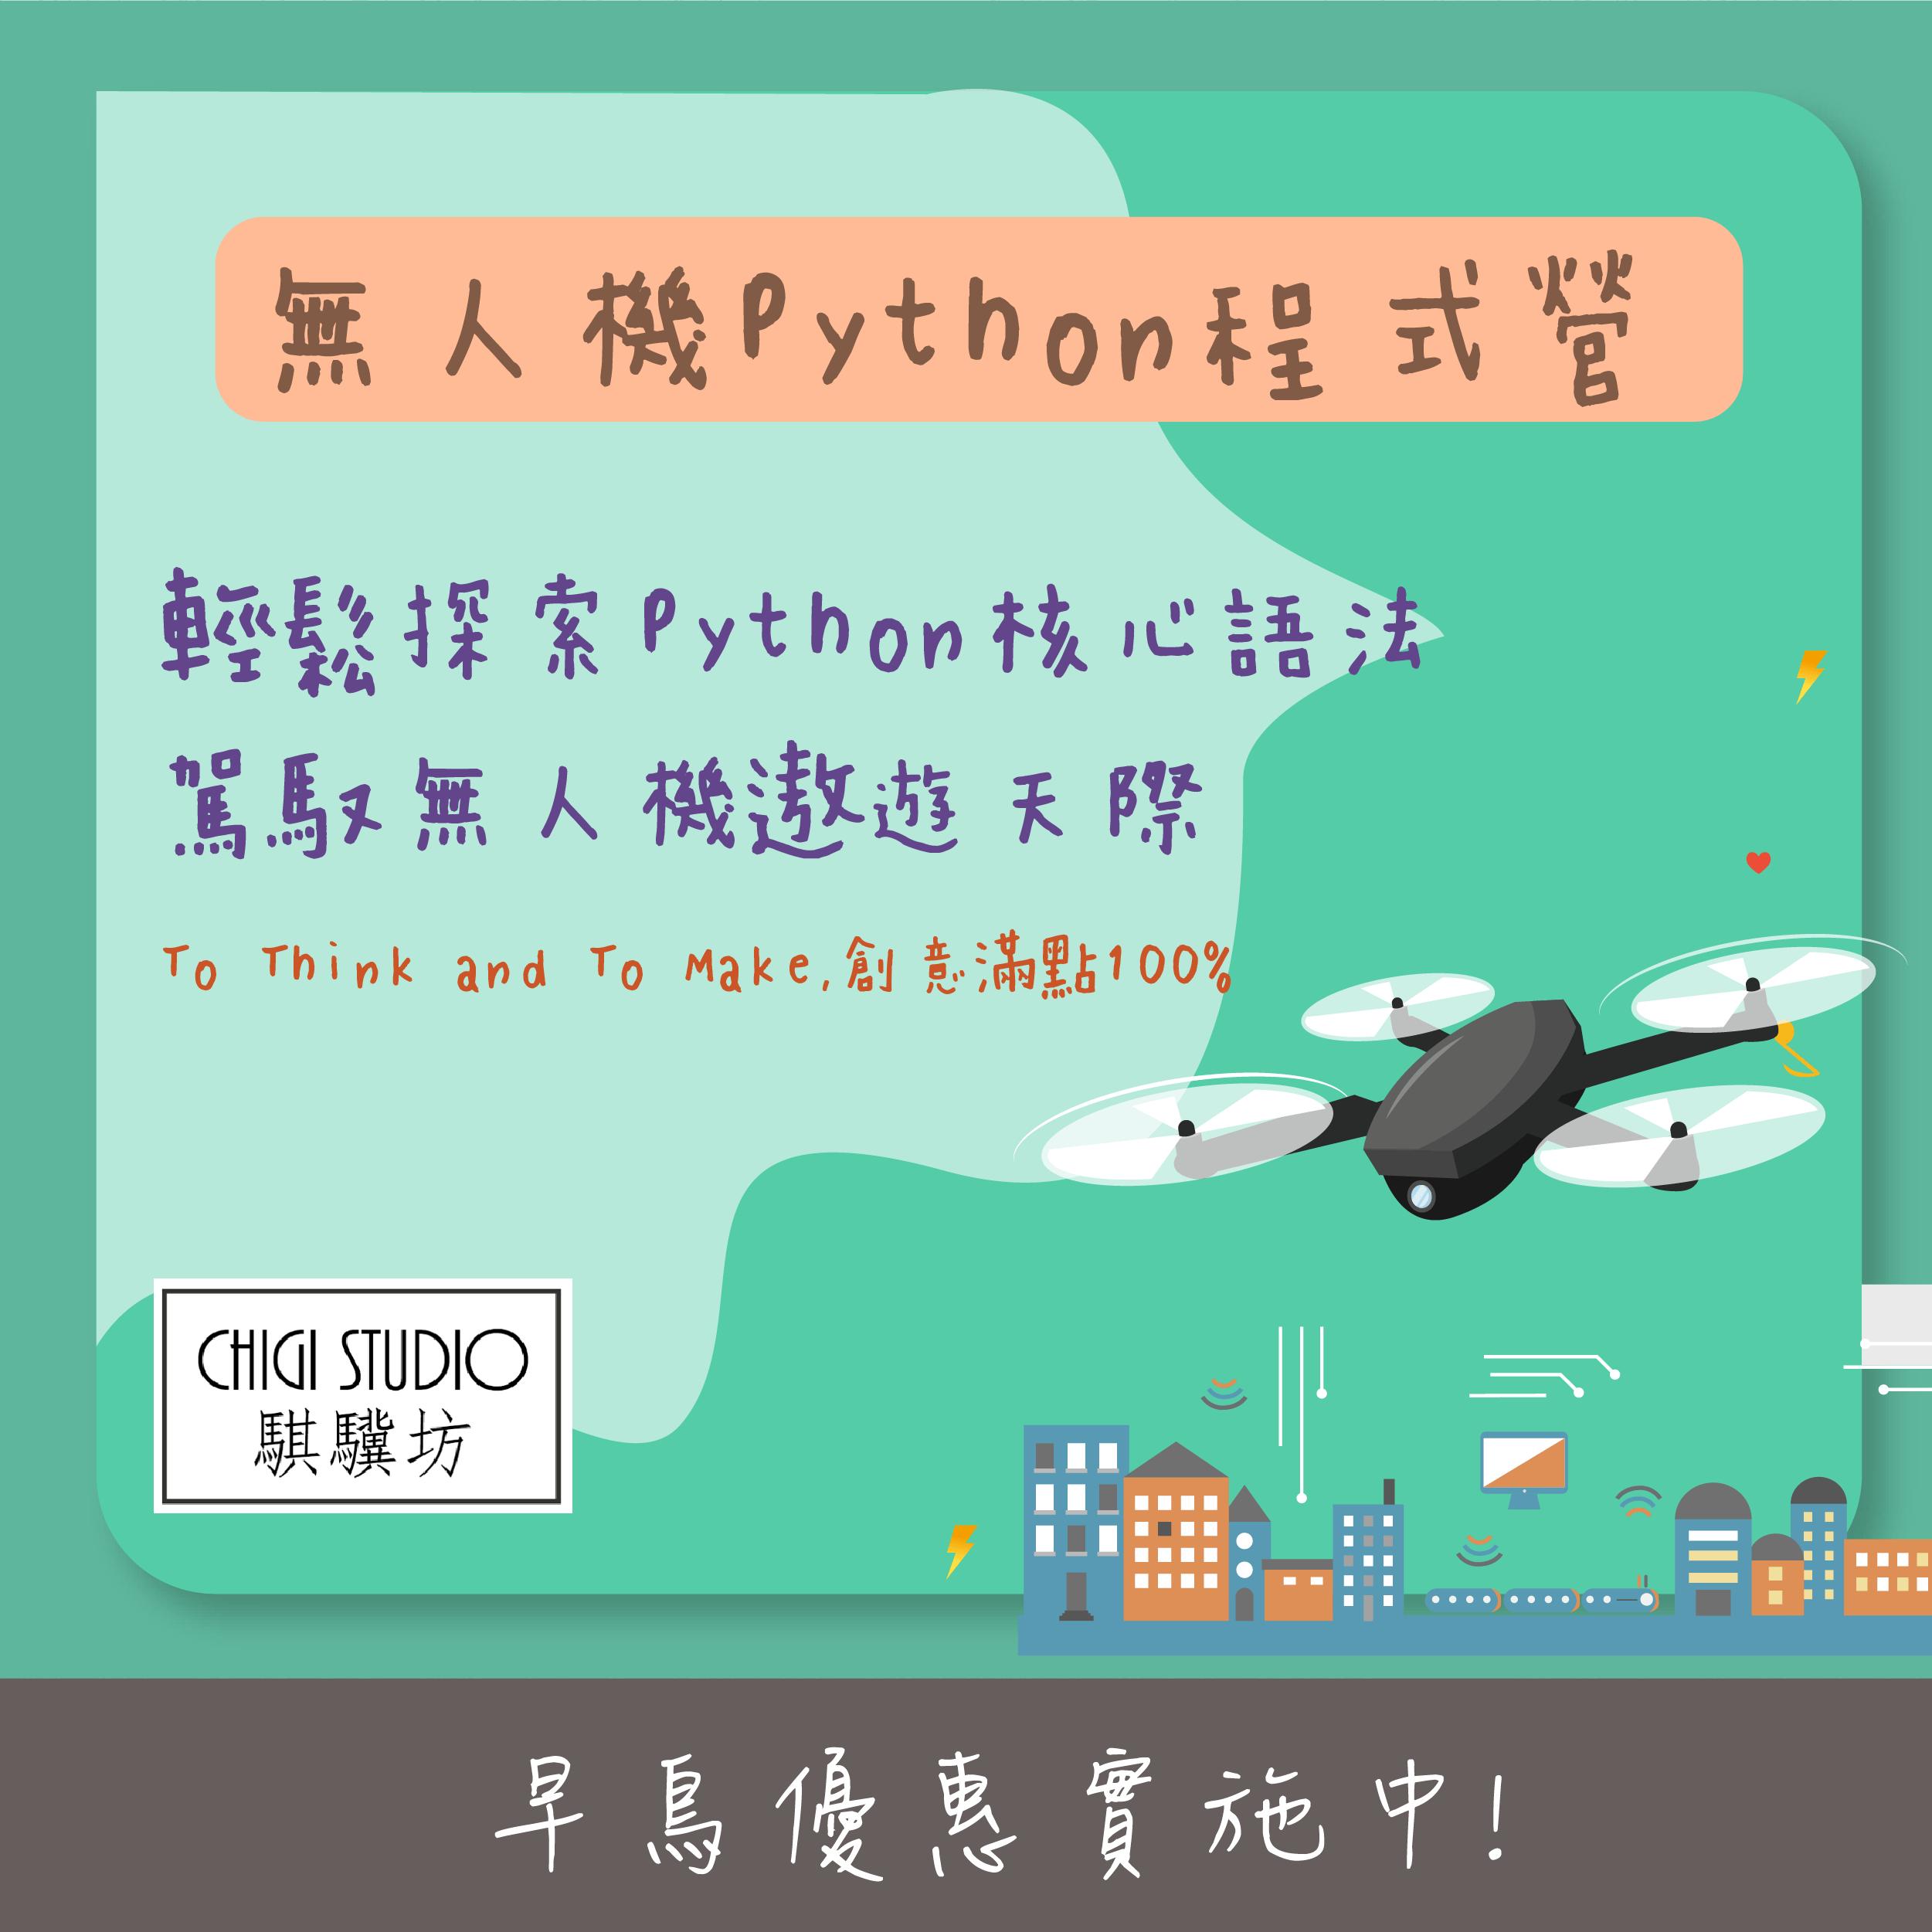 無人機Python程式設計營